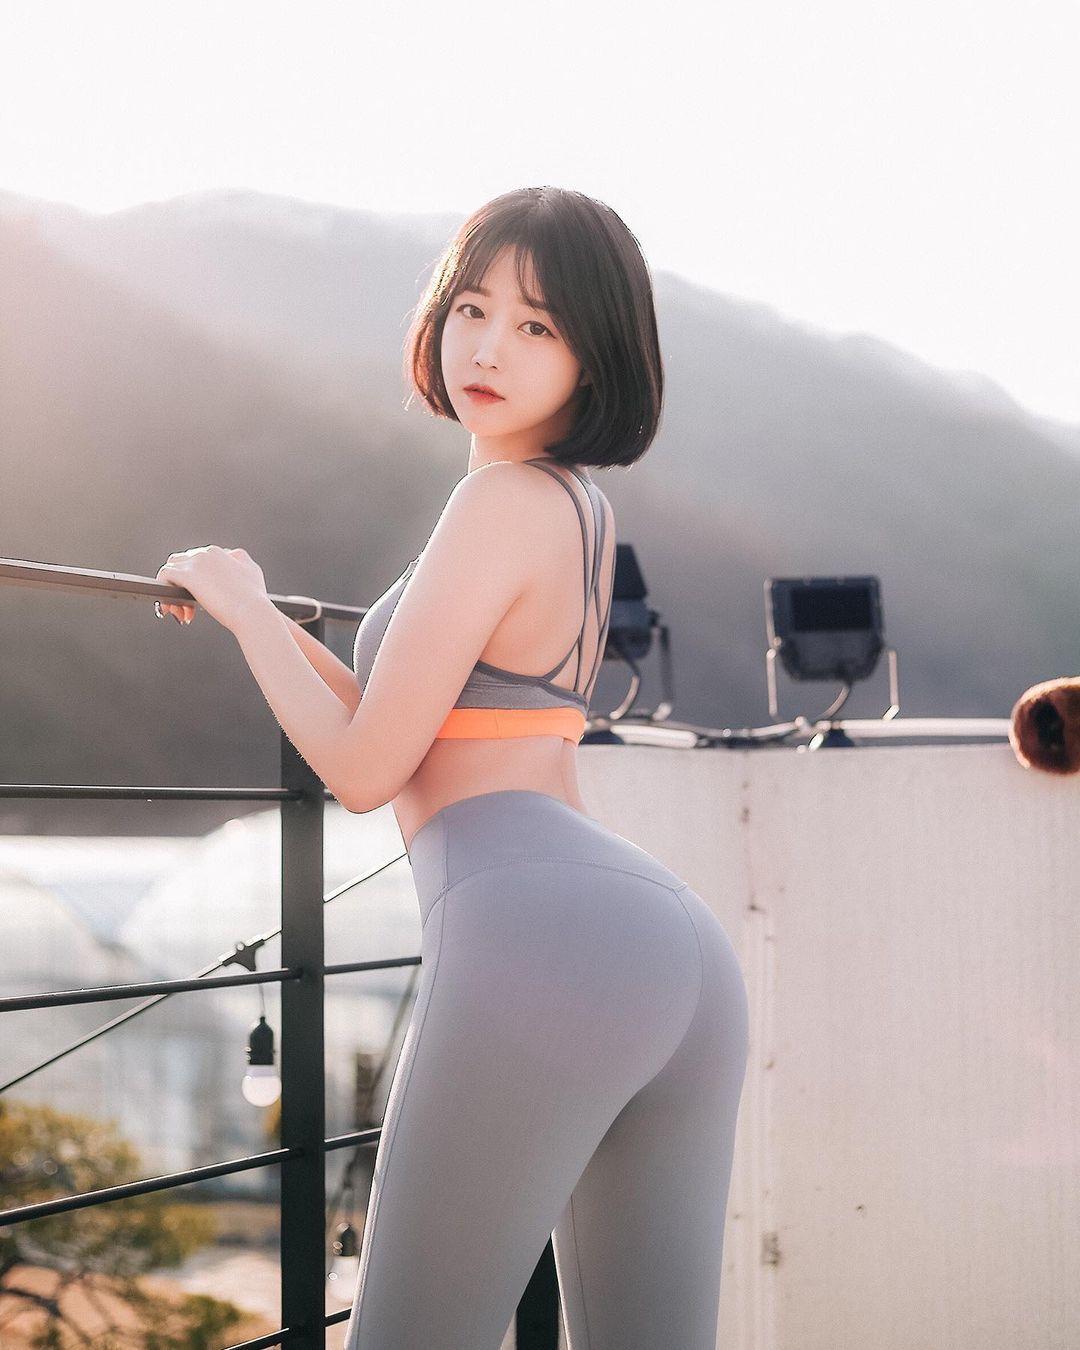 韩国极品模特推荐「Rumi」健身小只马连锁模特儿插图5